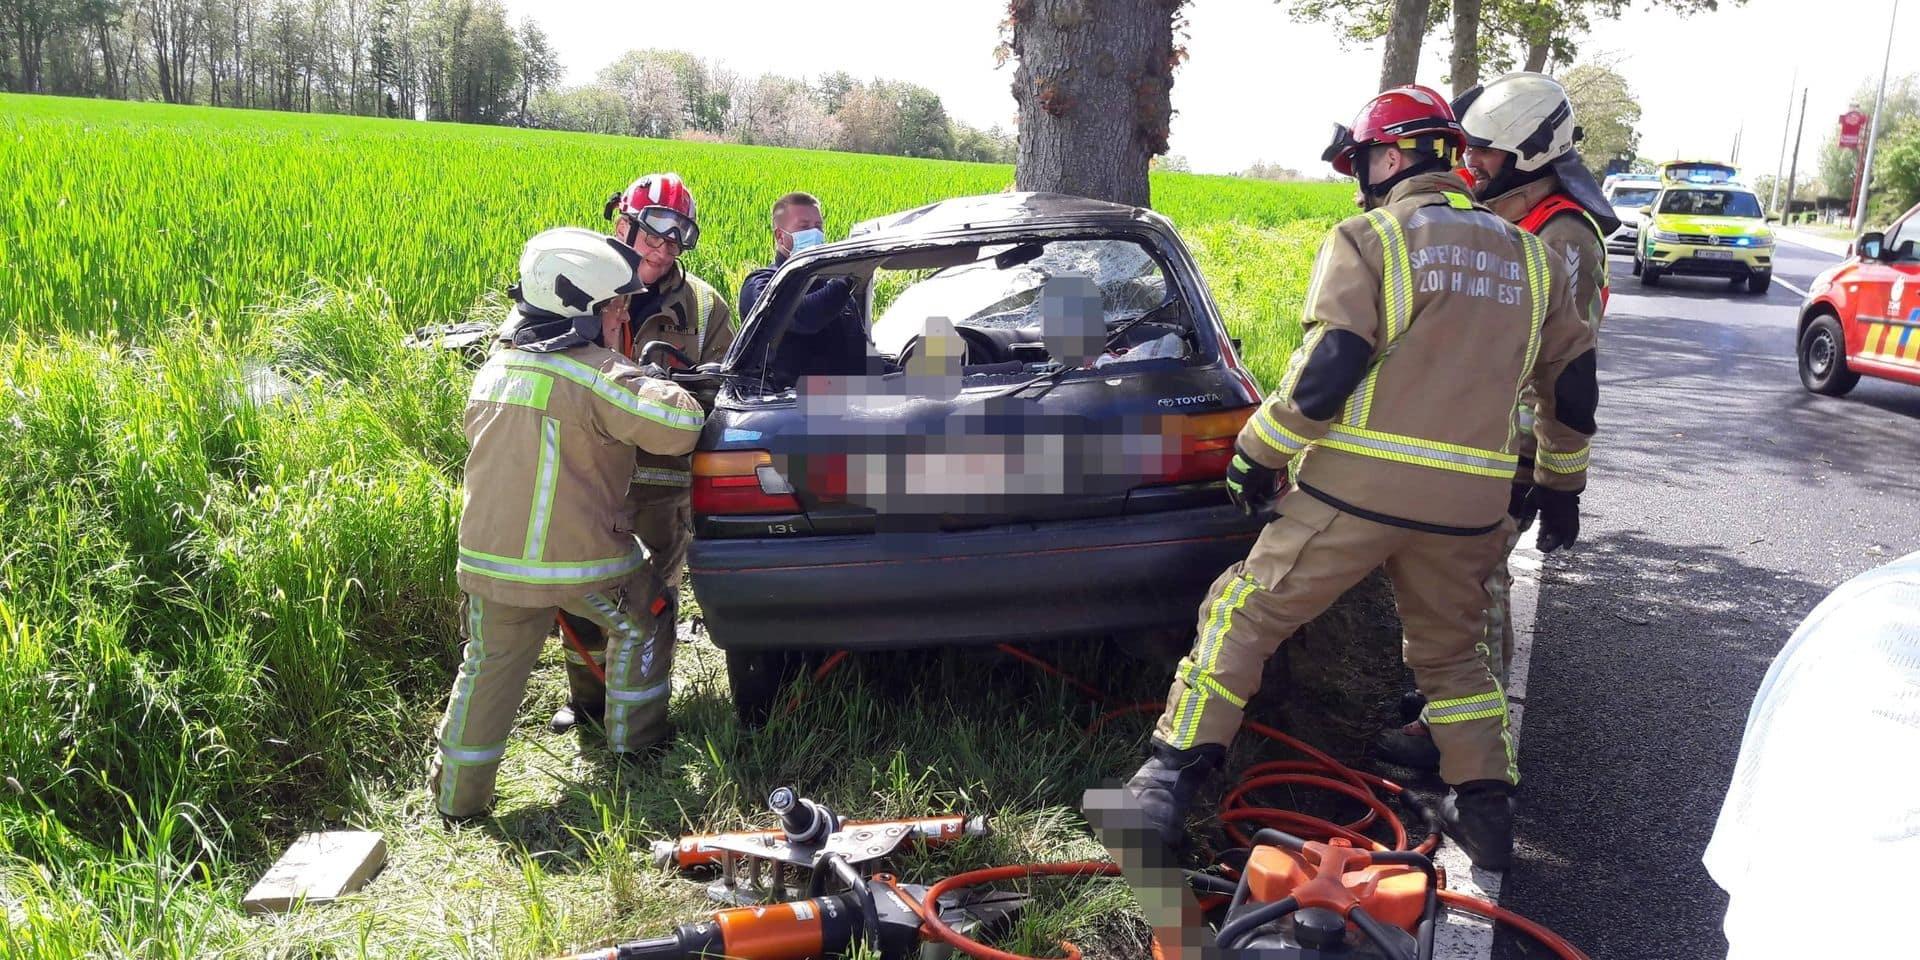 Dramatique accident à Beaumont, une conductrice de 68 ans transportée à l'hôpital dans un état critique